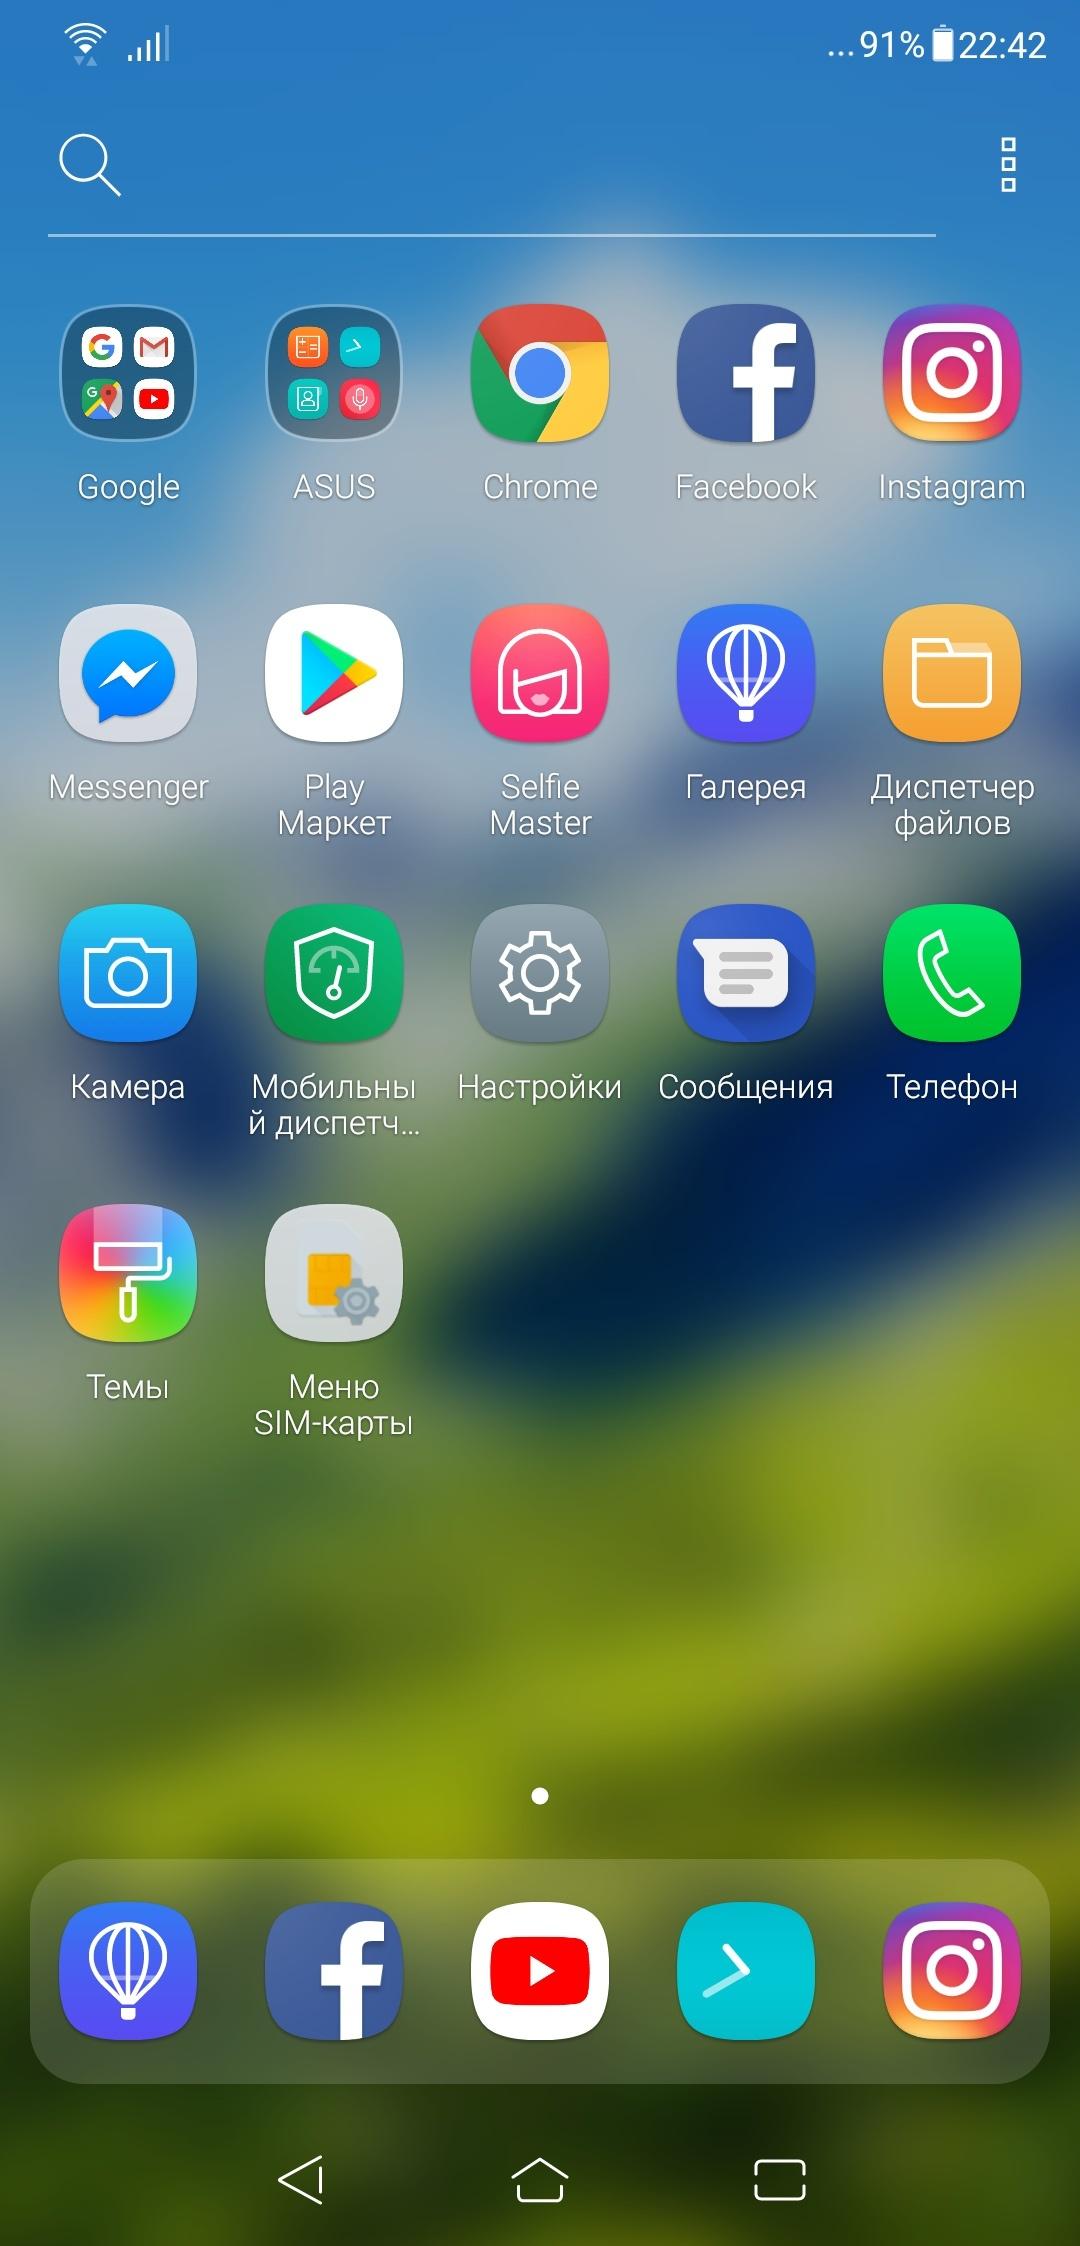 Обзор смартфона ASUS Zenfone 5 ZE620KL - 54